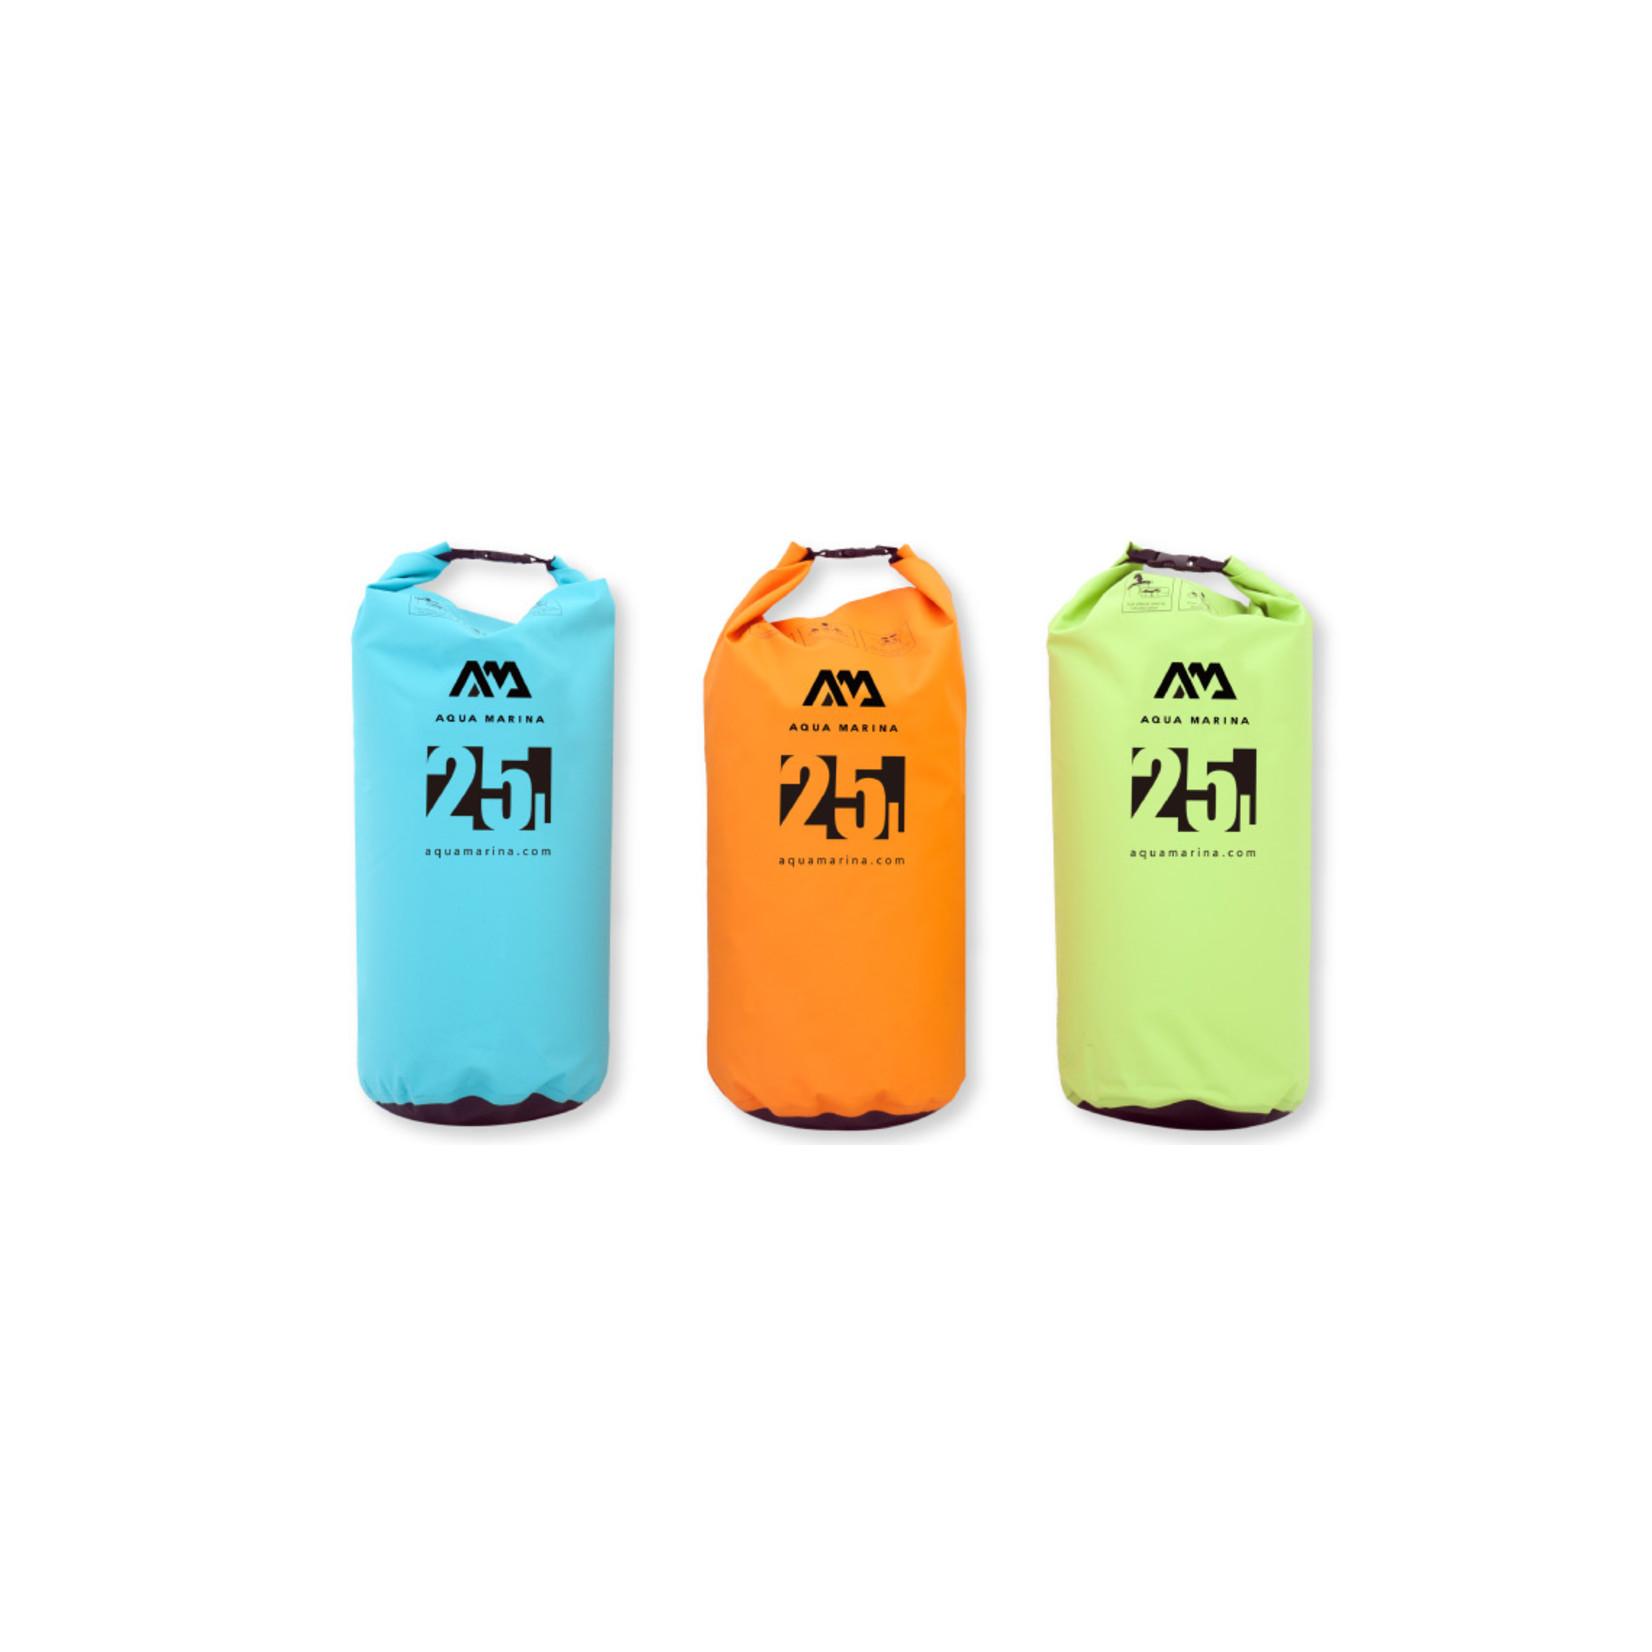 Aqua Marina Dry Bag 25L - Super Easy